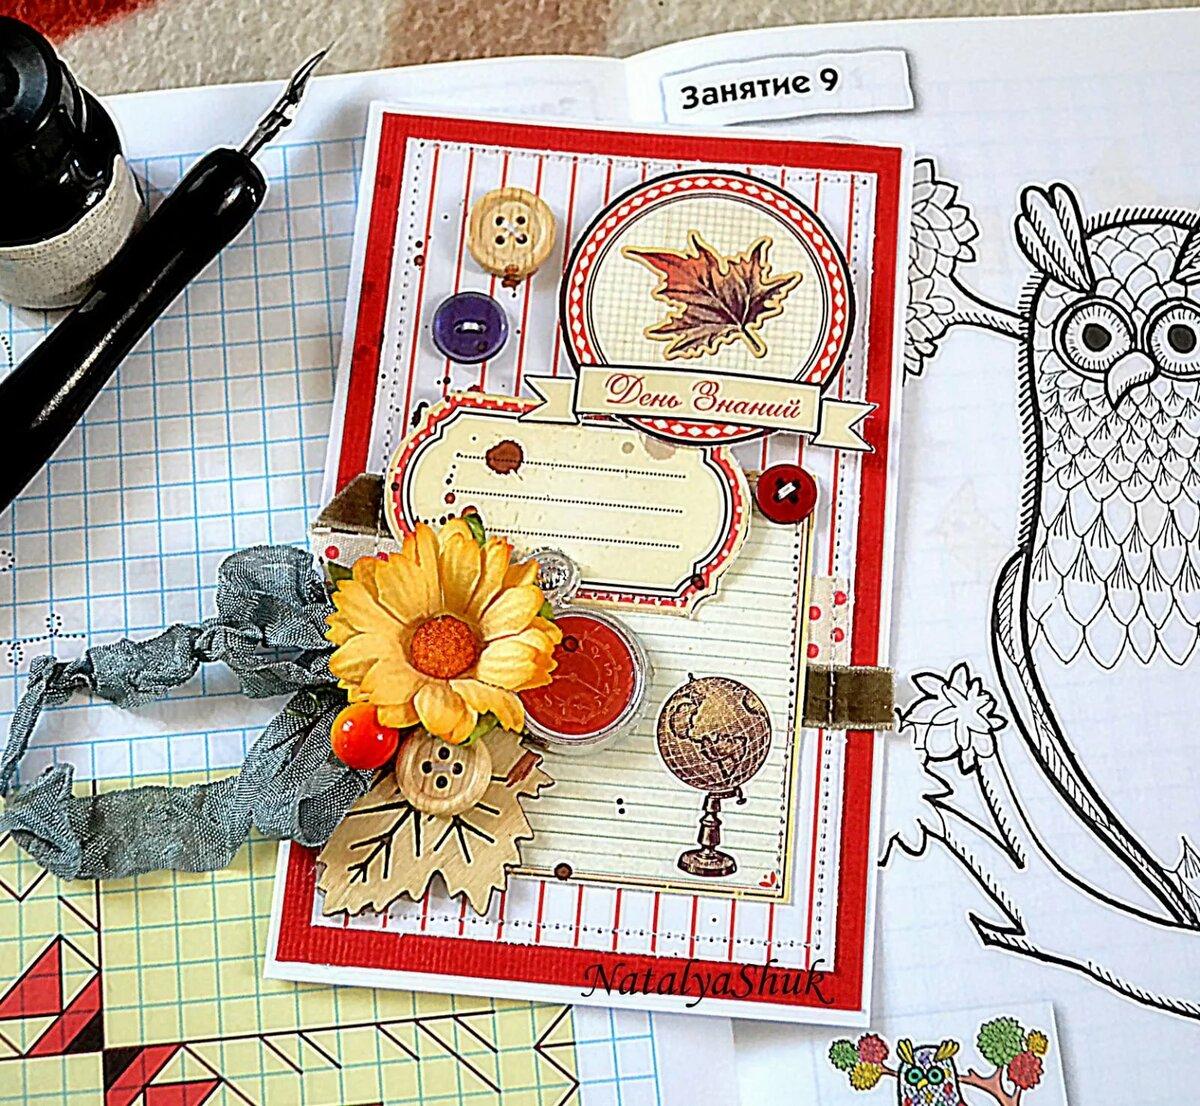 Картинки, оформление открыток к дню знаний